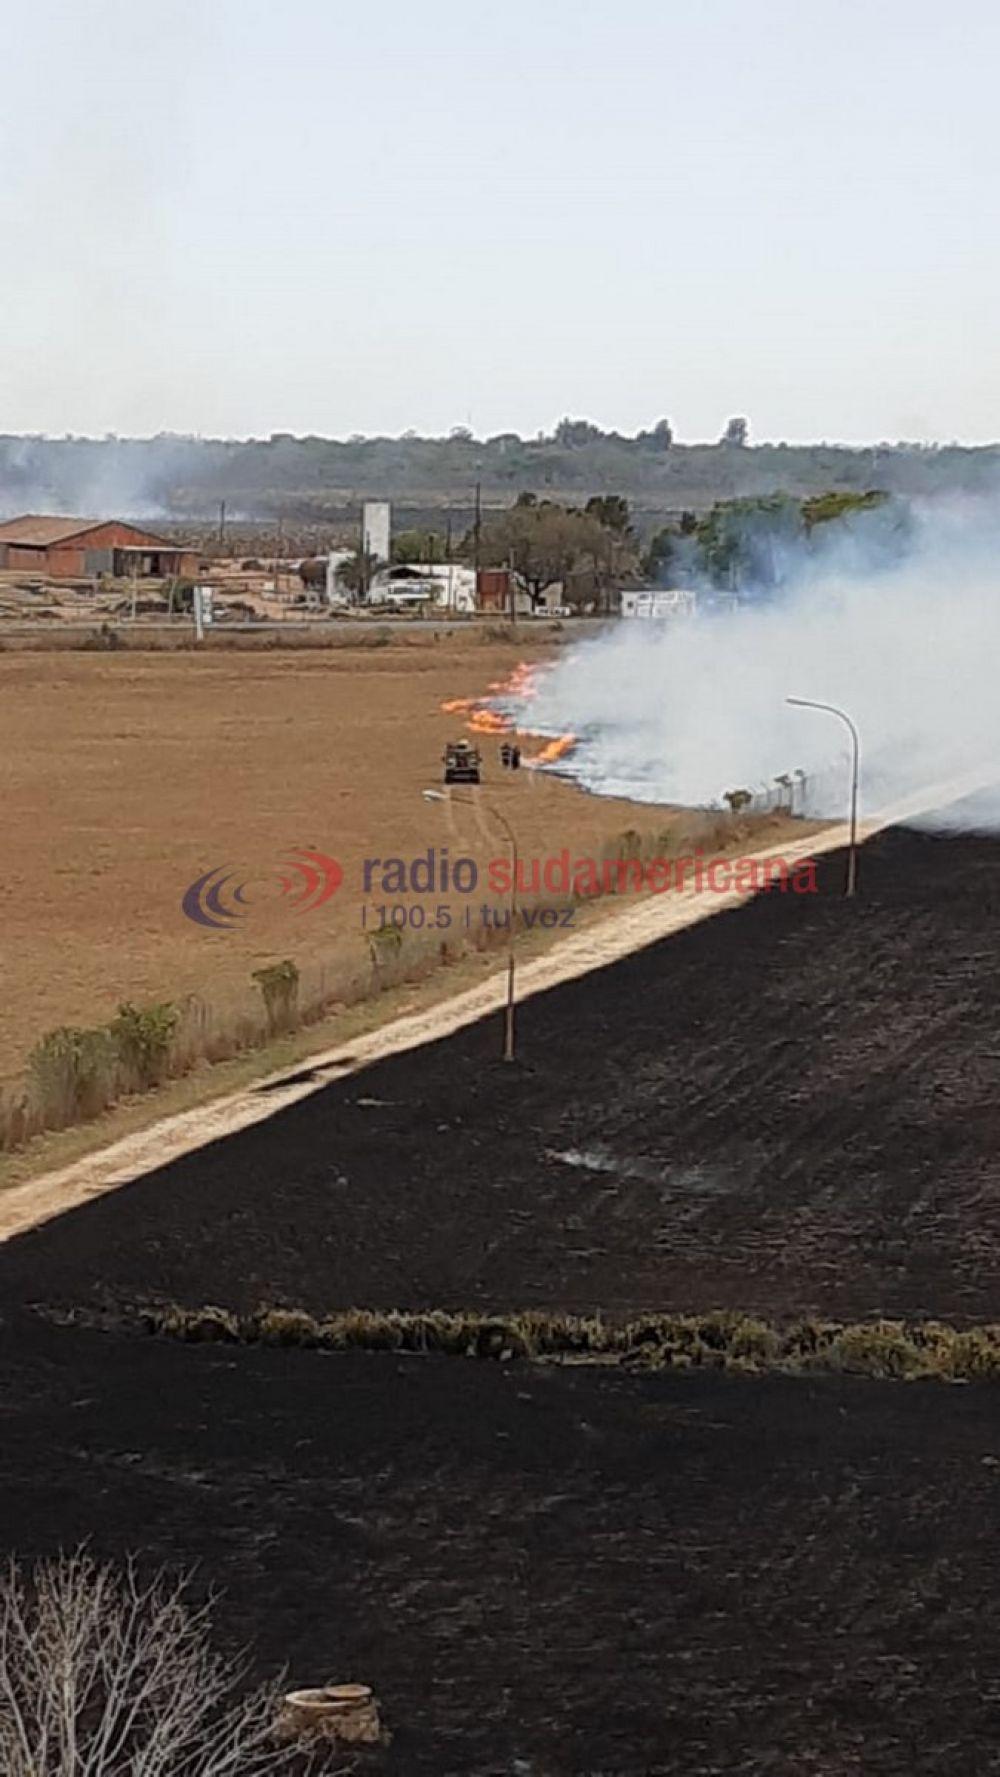 Así quedó la zona donde se produjo el incendio cerca del Aeropuerto